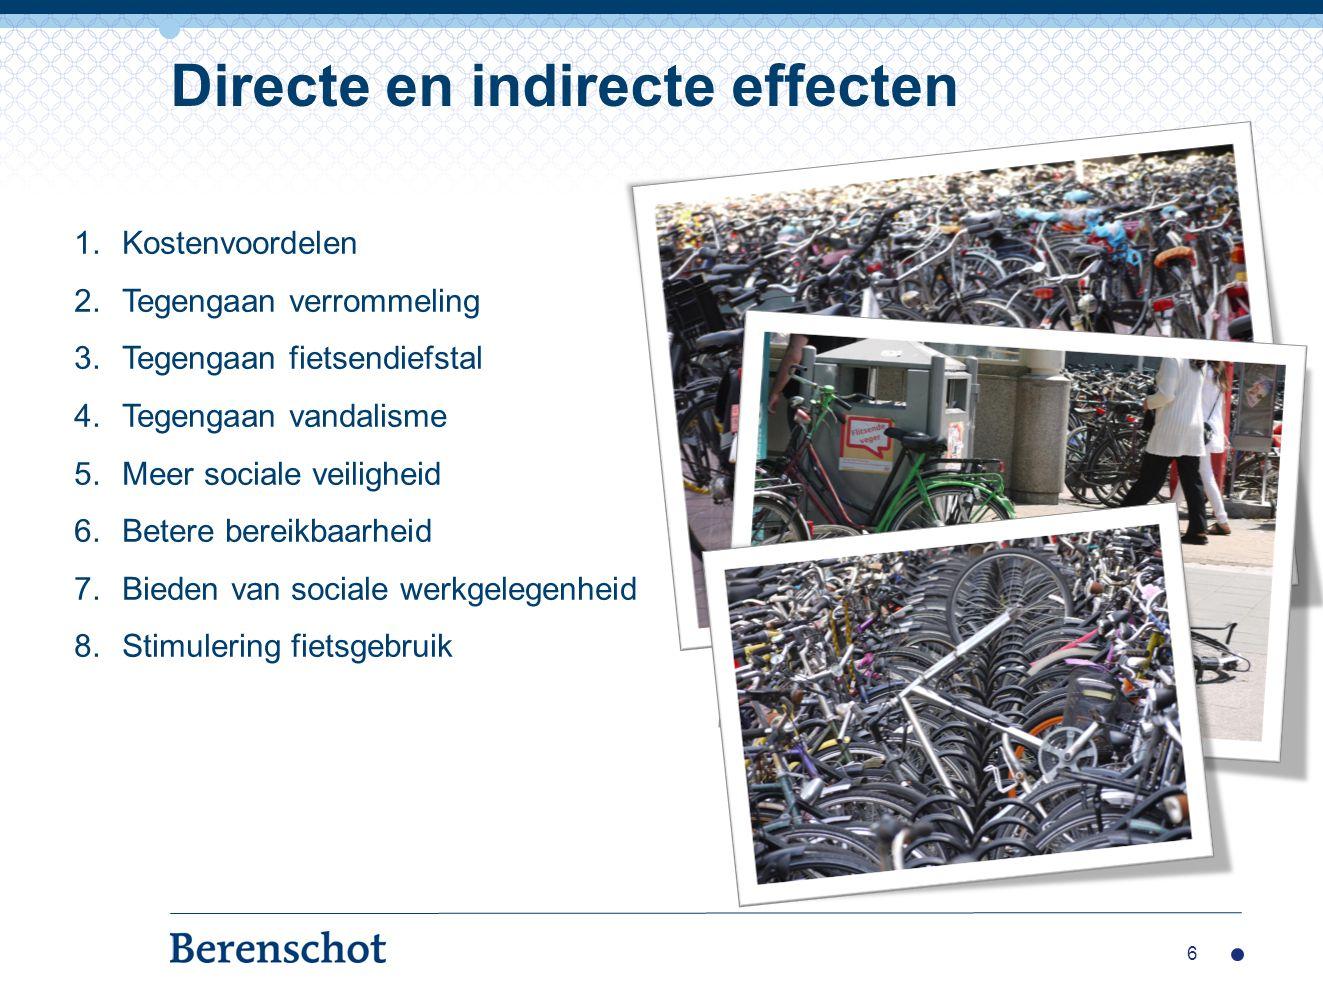 Directe en indirecte effecten